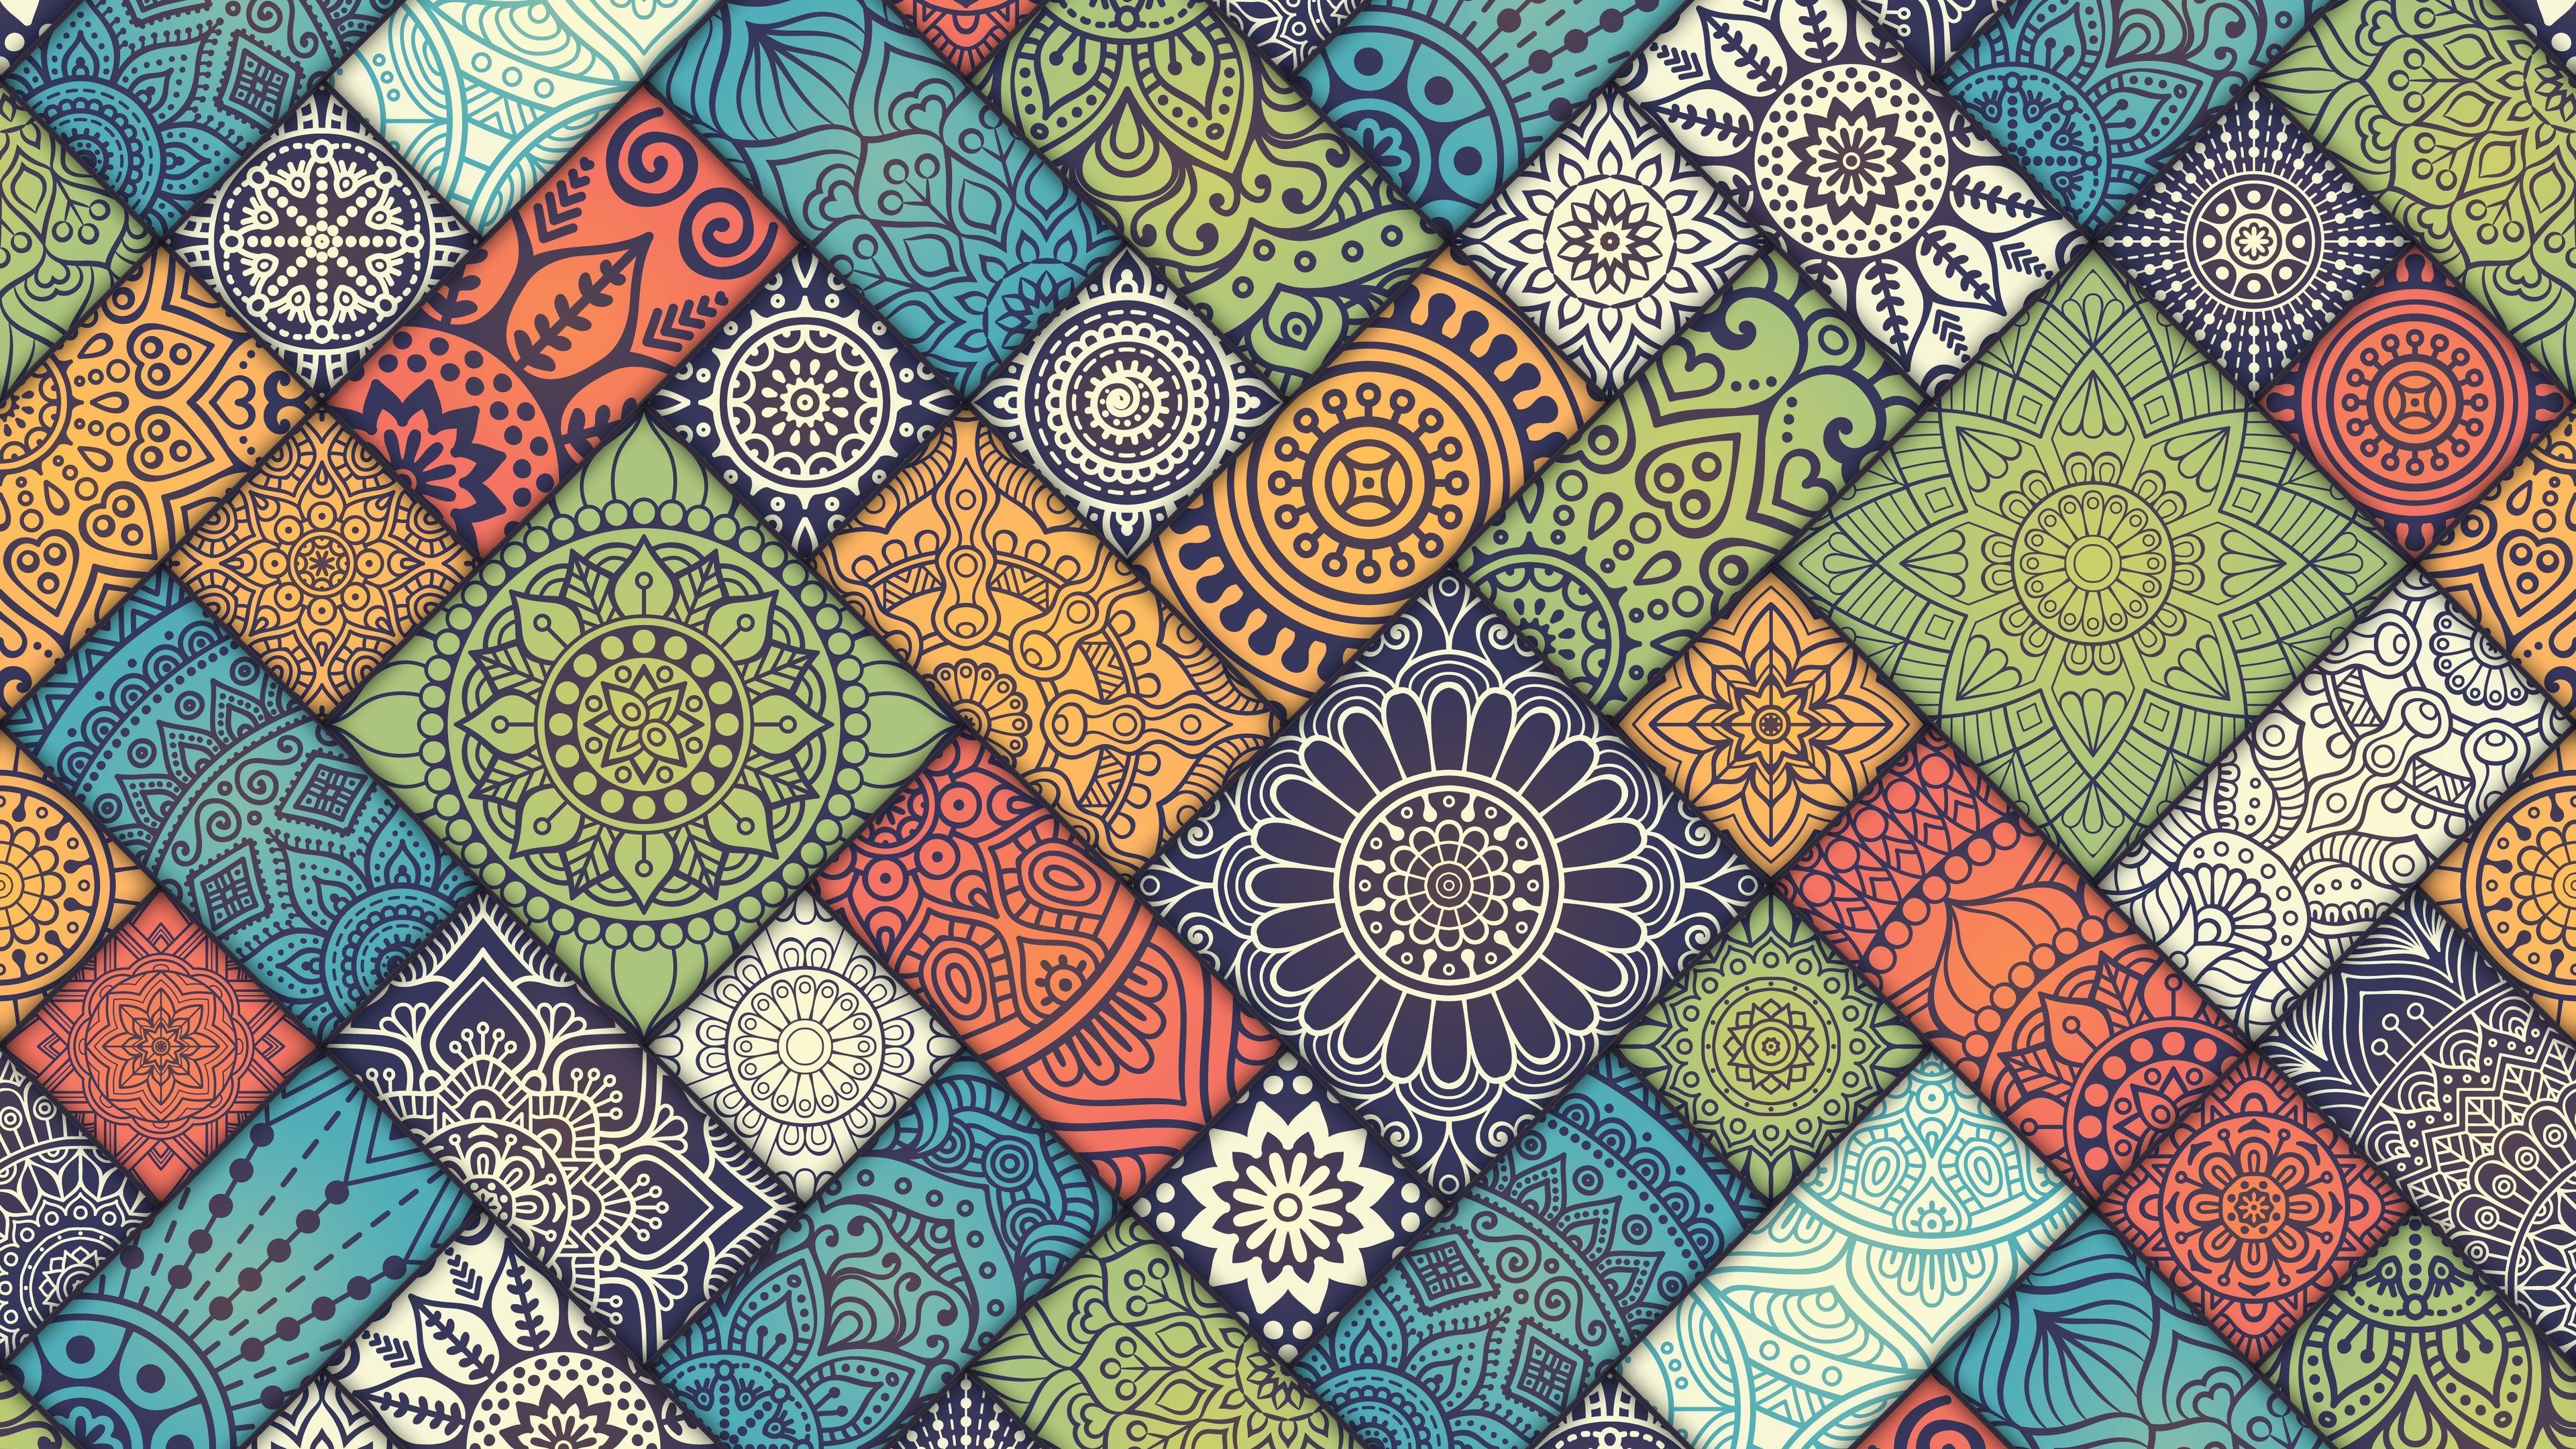 Mandala Pattern Abstract 5k Pattern Wallpapers Mandala Wallpapers Hd Wallpapers Digital Art Wall In 2020 Mandala Wallpaper Mandala Pattern Phone Background Patterns